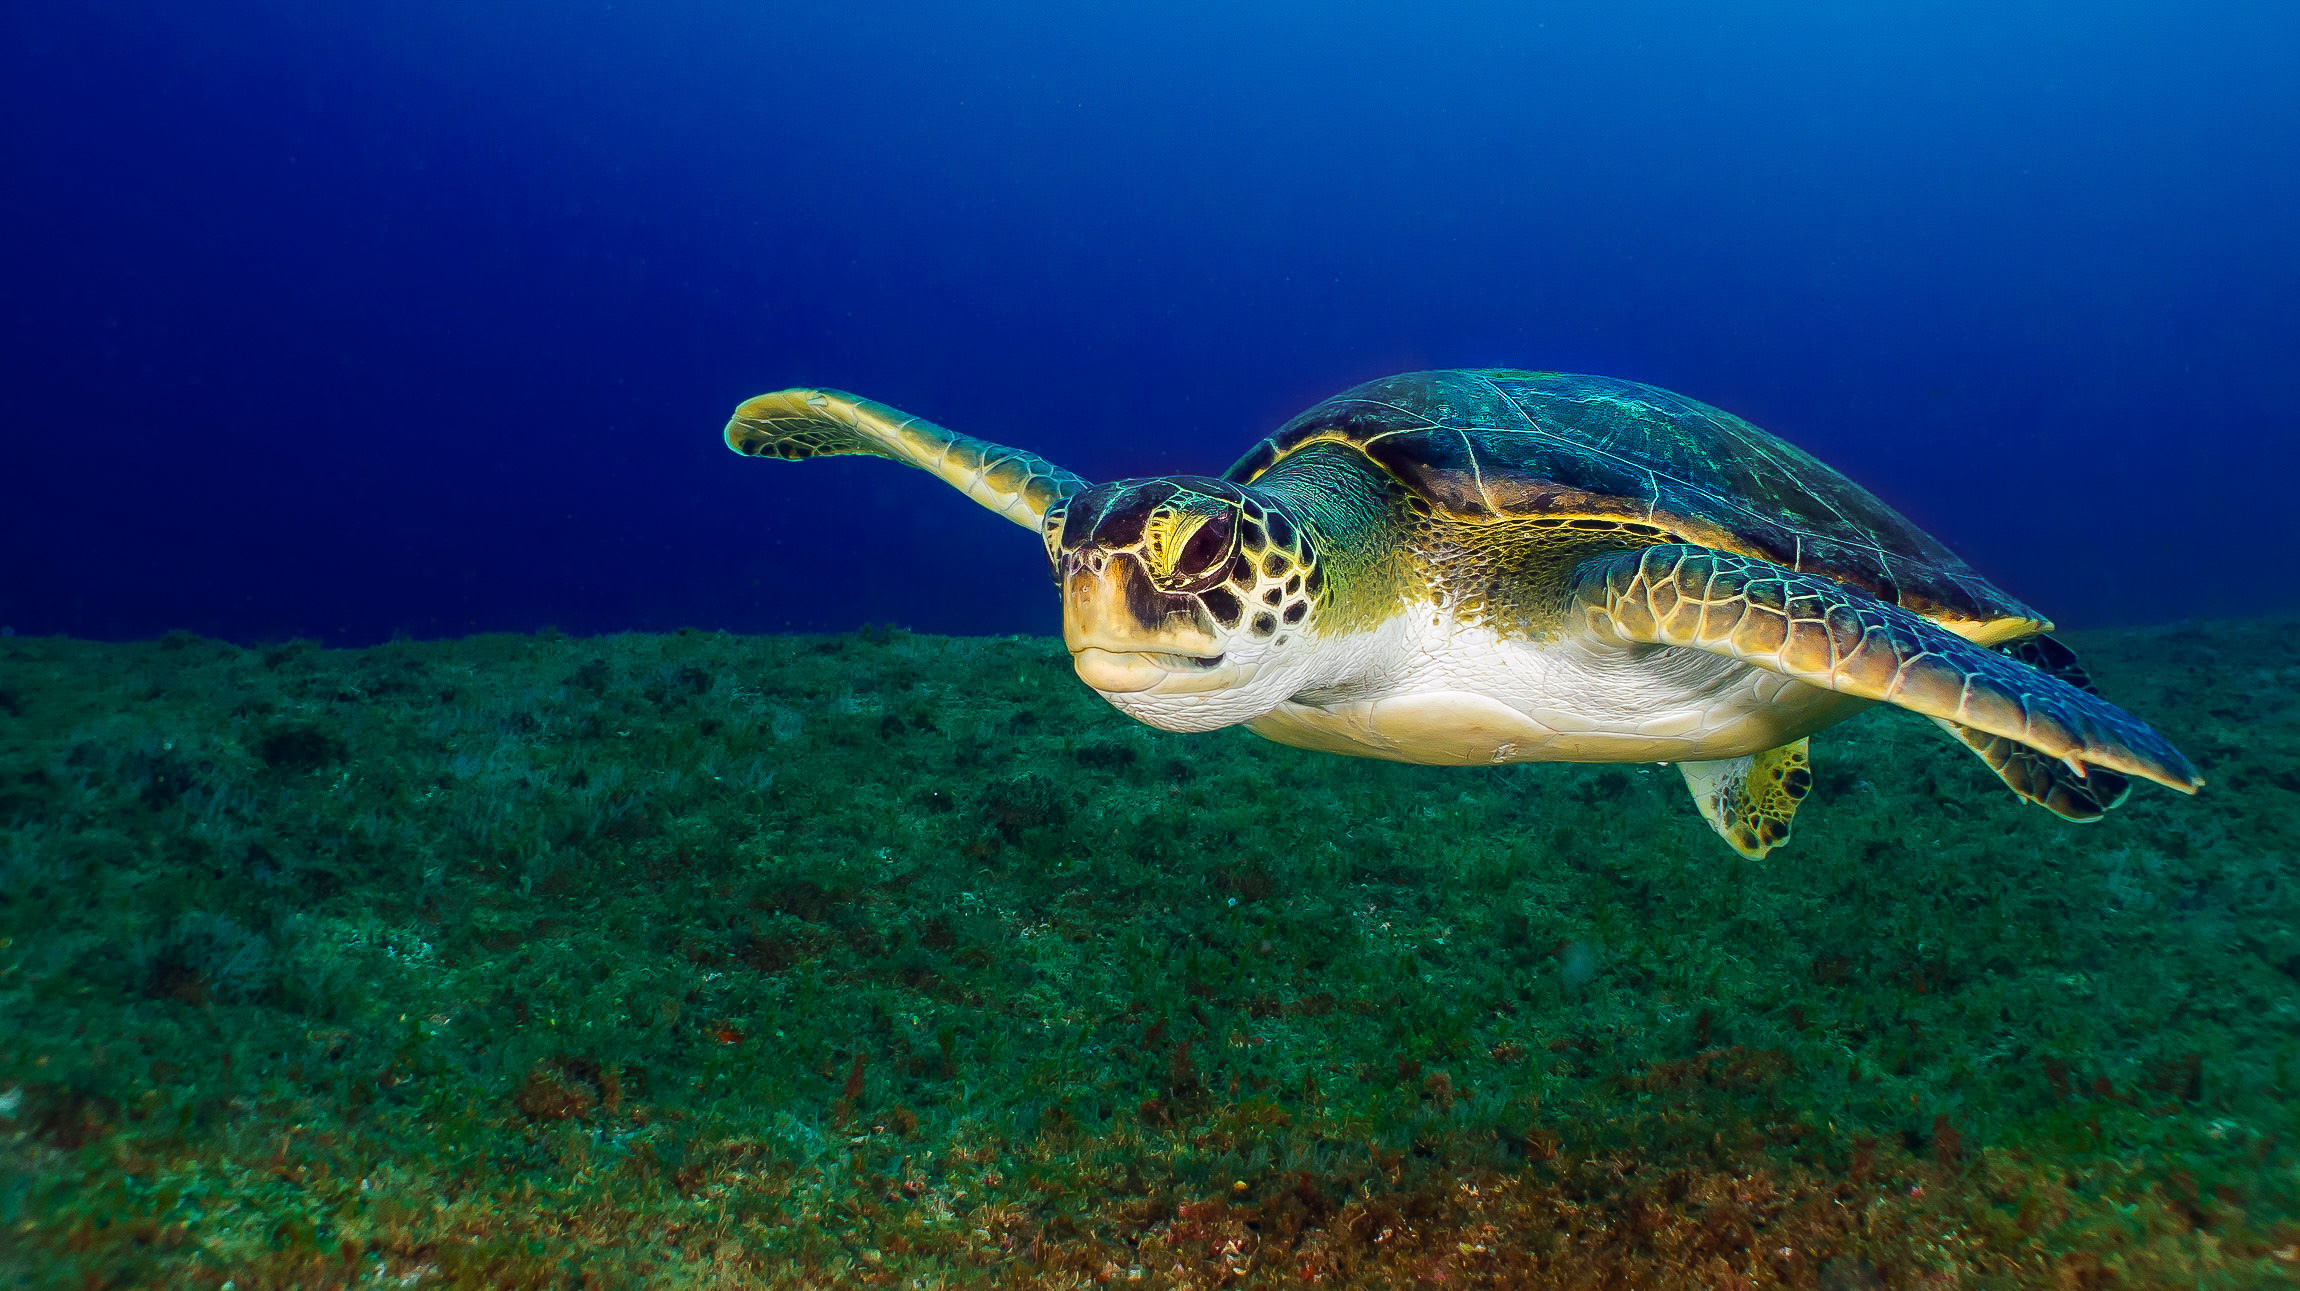 tartaruga verde laje de santos